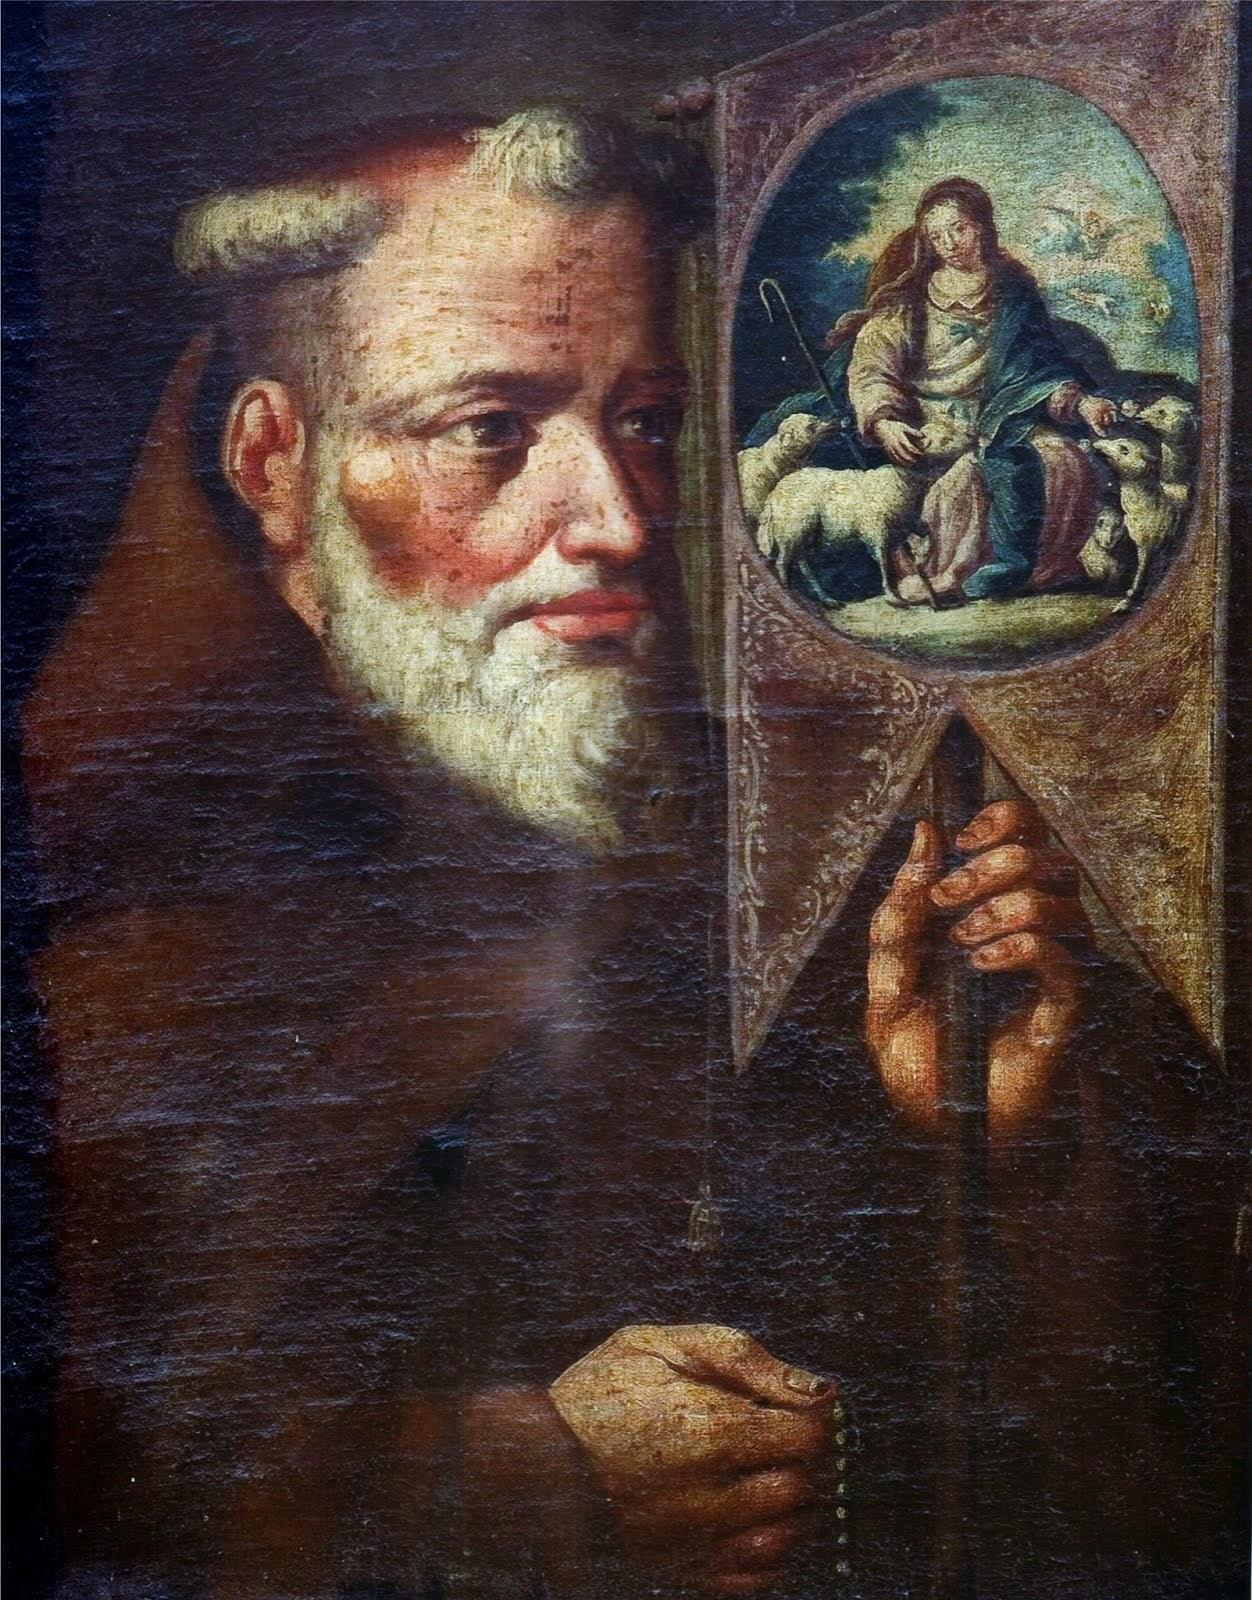 Fray Isidoro de Sevilla